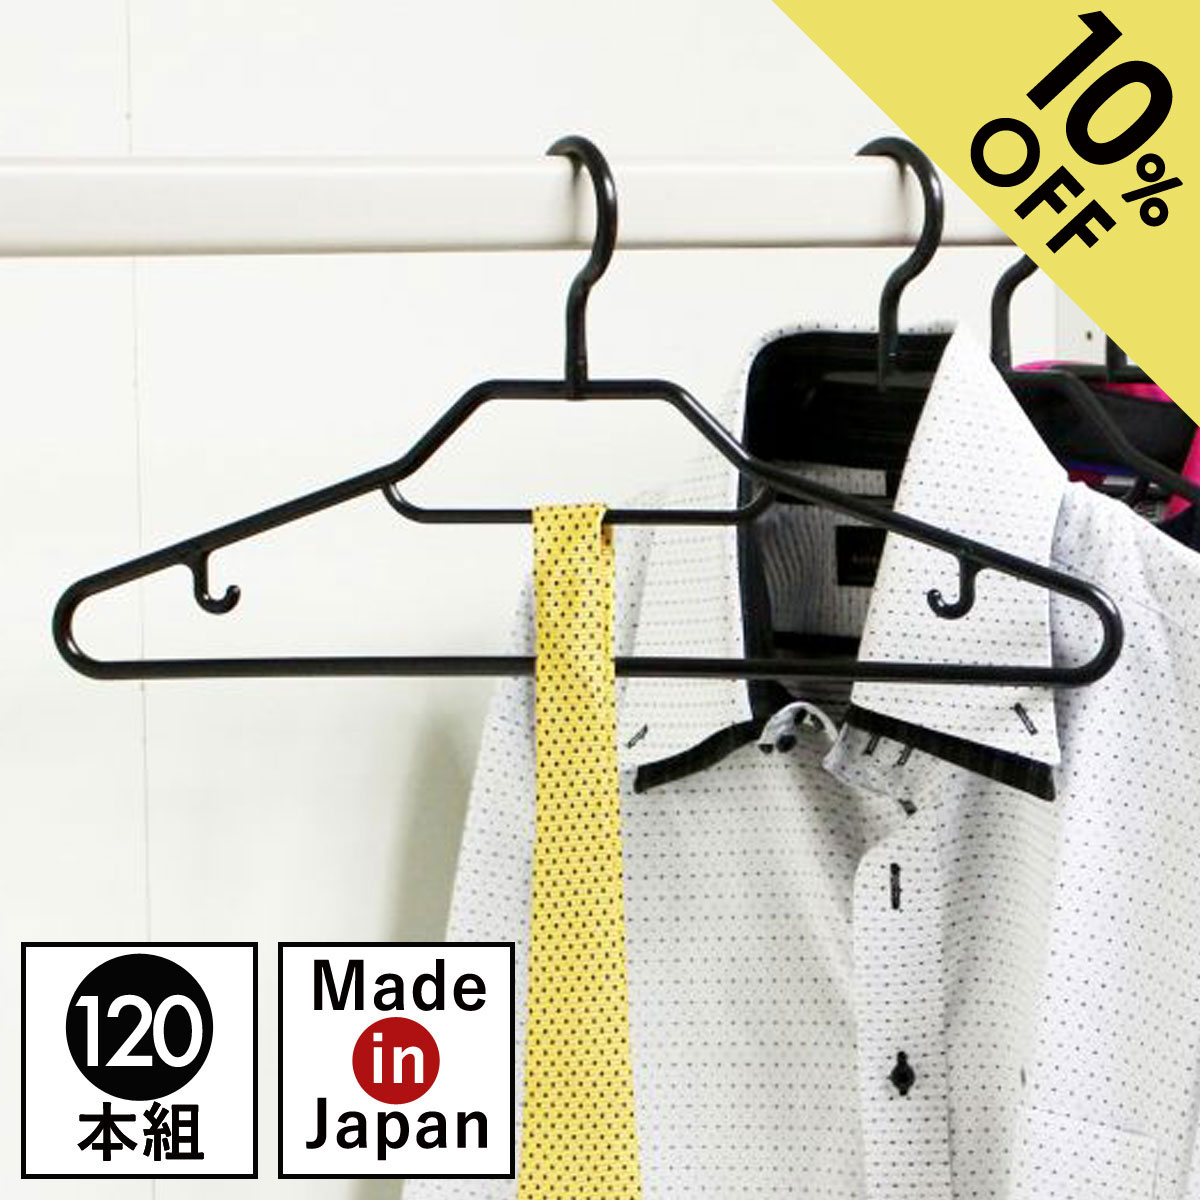 ハンガー すべらない おしゃれ ワイシャツ用 ベストライン スタイルシャツハンガー 120本セット